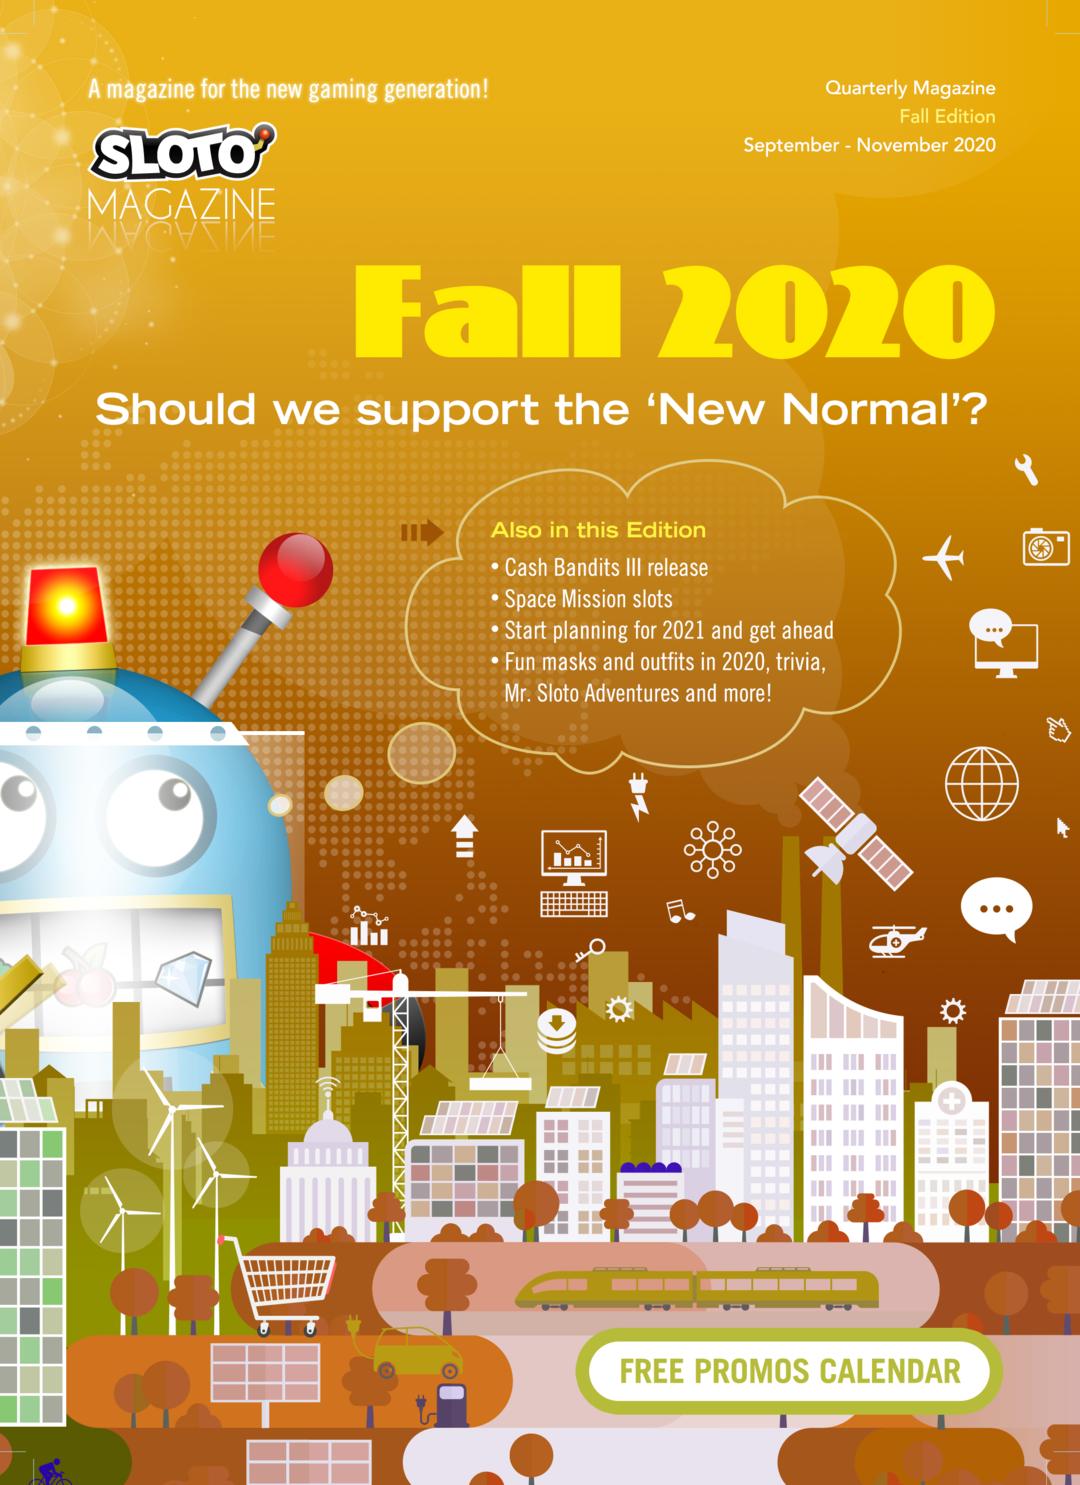 Page 1 of Sloto Magazine Fall 2020